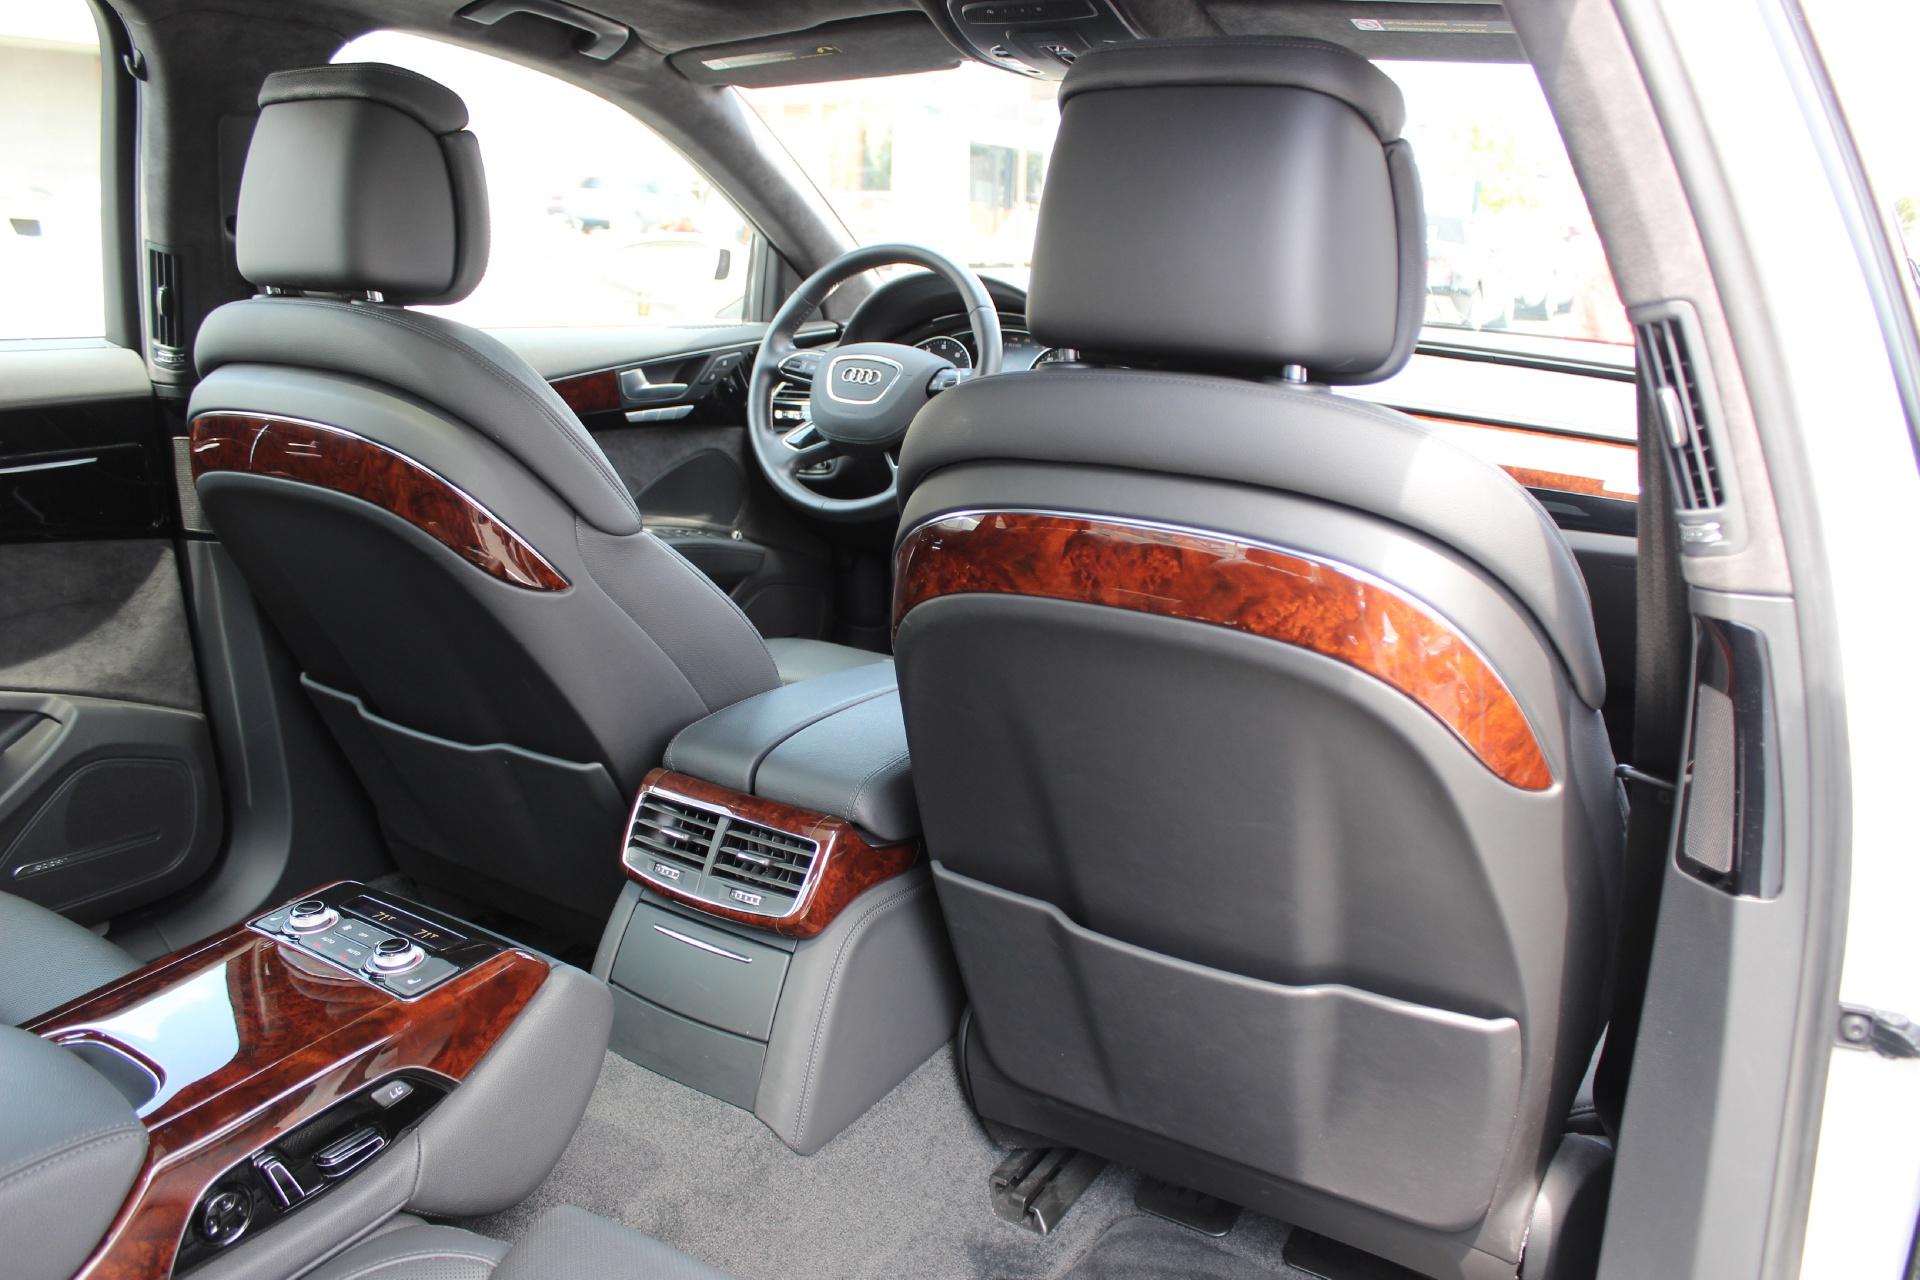 Kelebihan Kekurangan Audi A8 2013 Spesifikasi